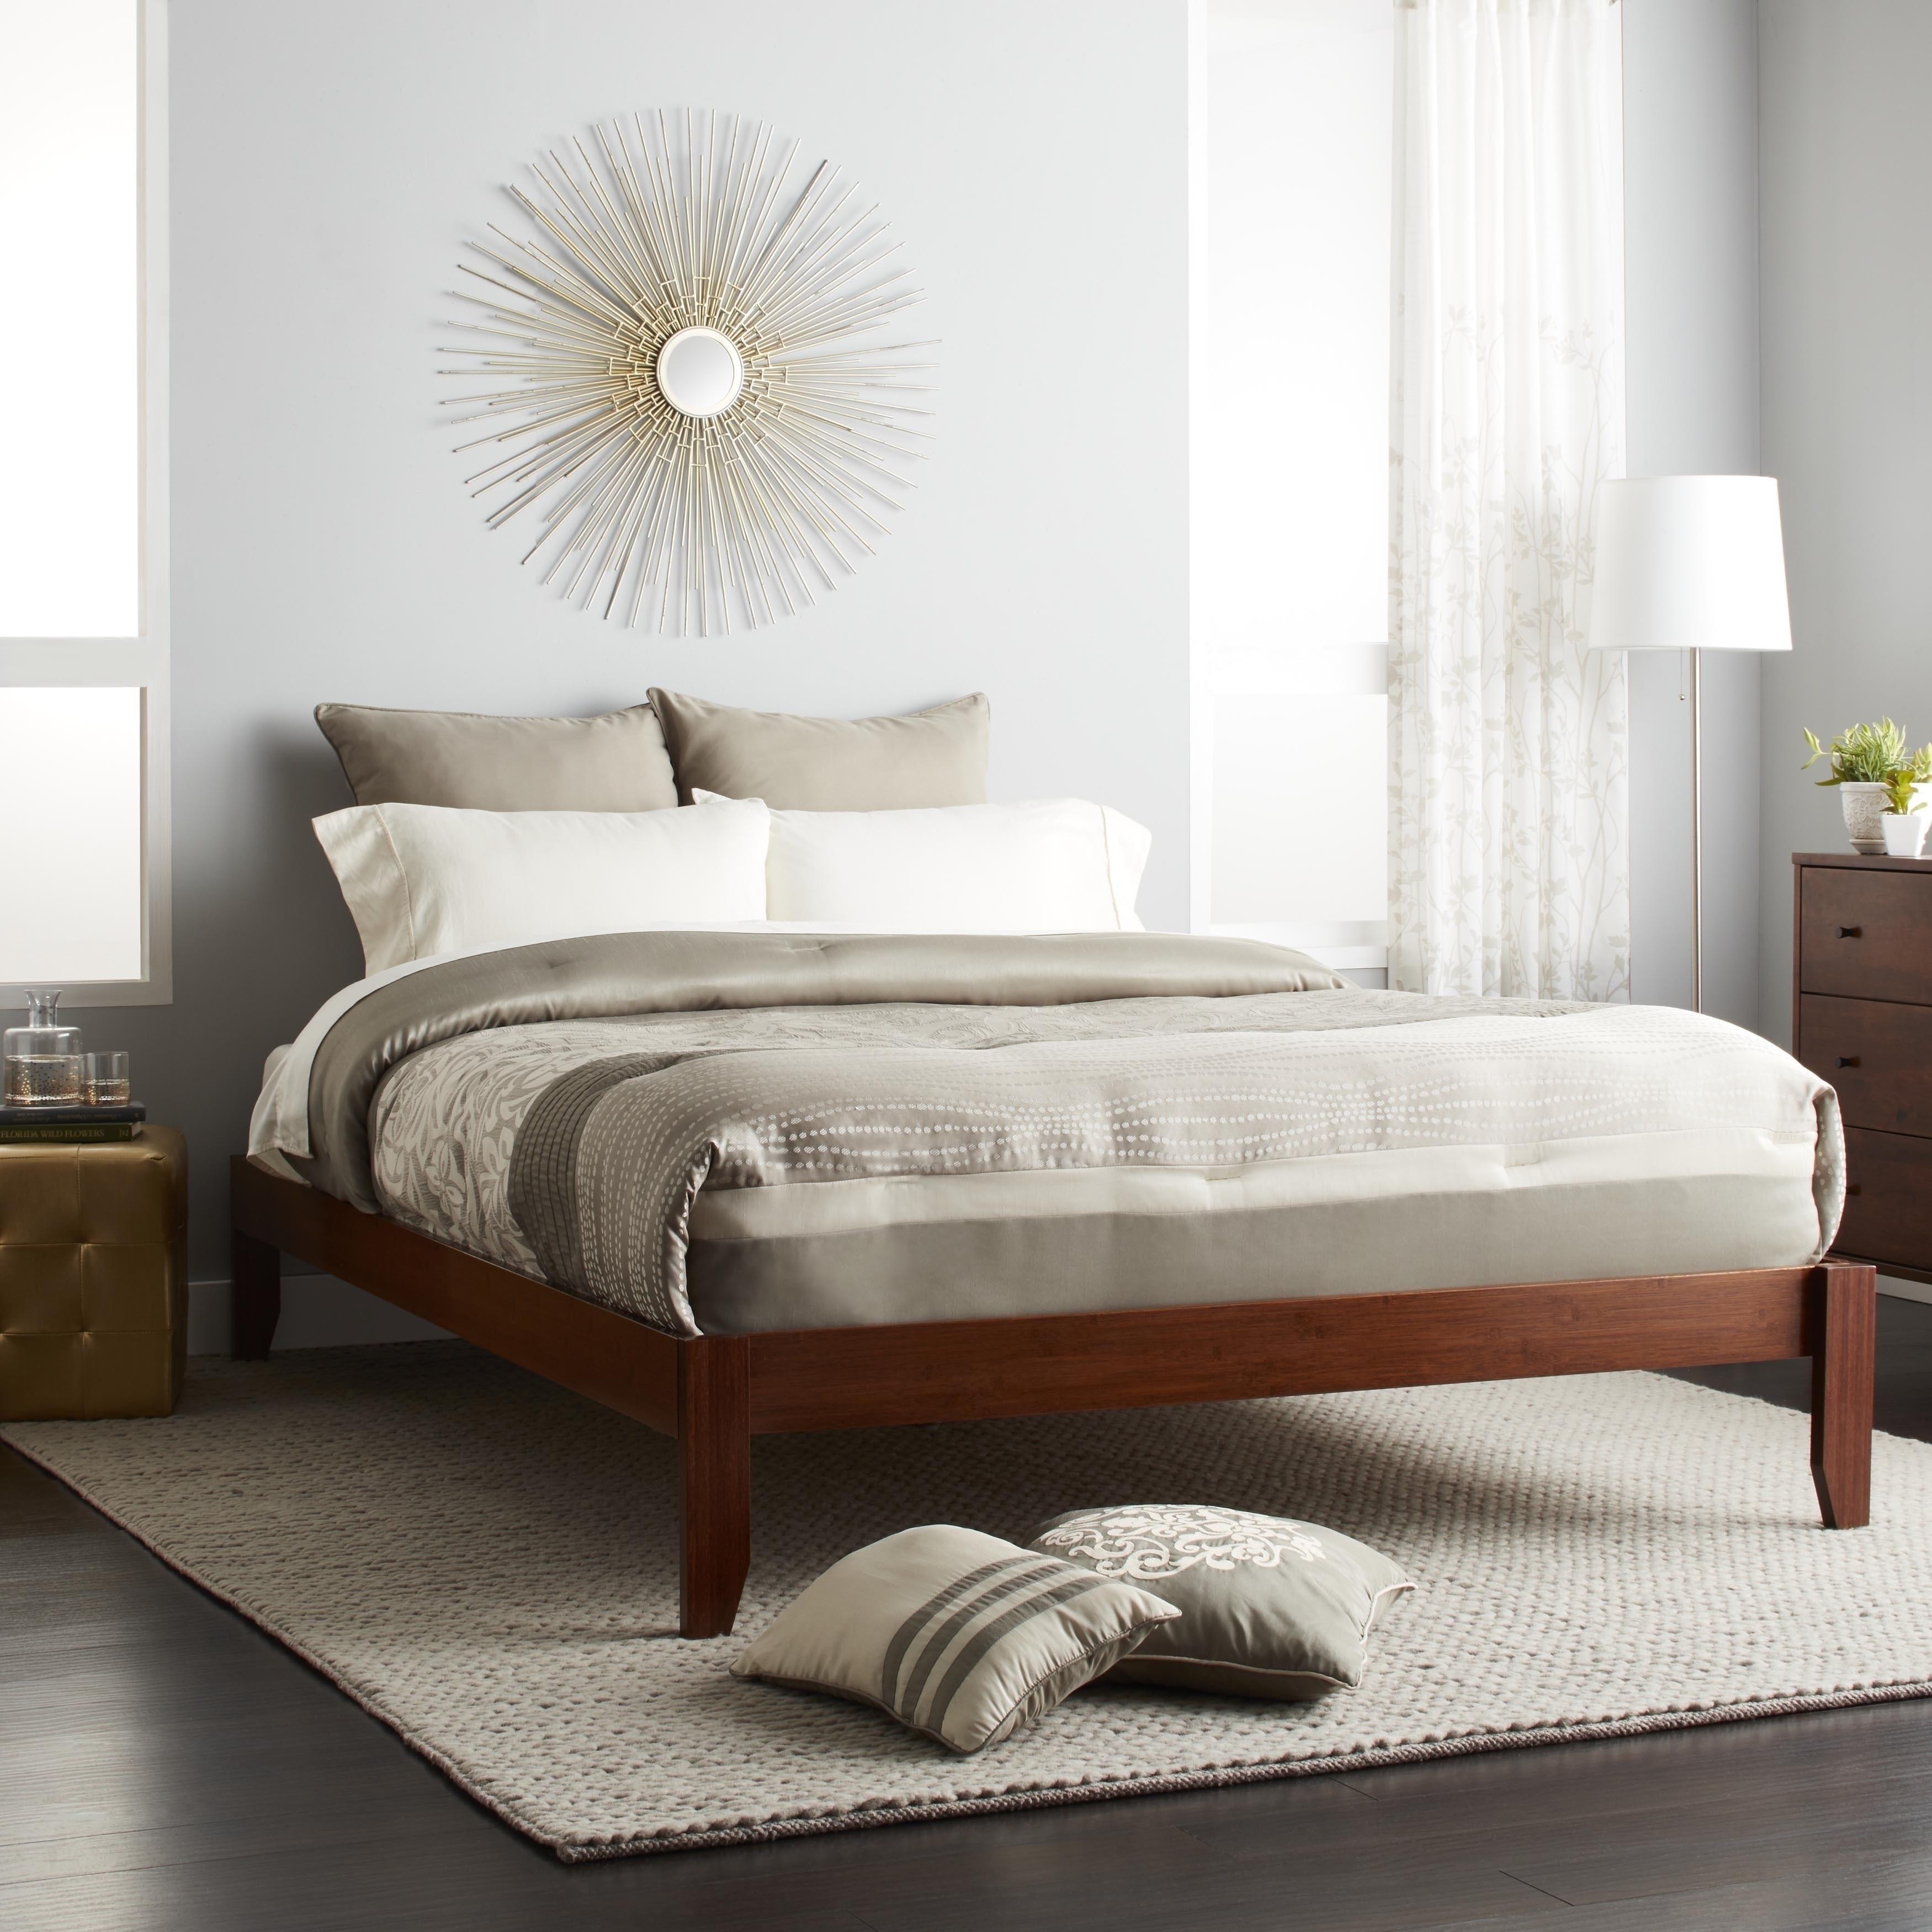 Bed Frames Online At Our Best Bedroom Furniture Deals